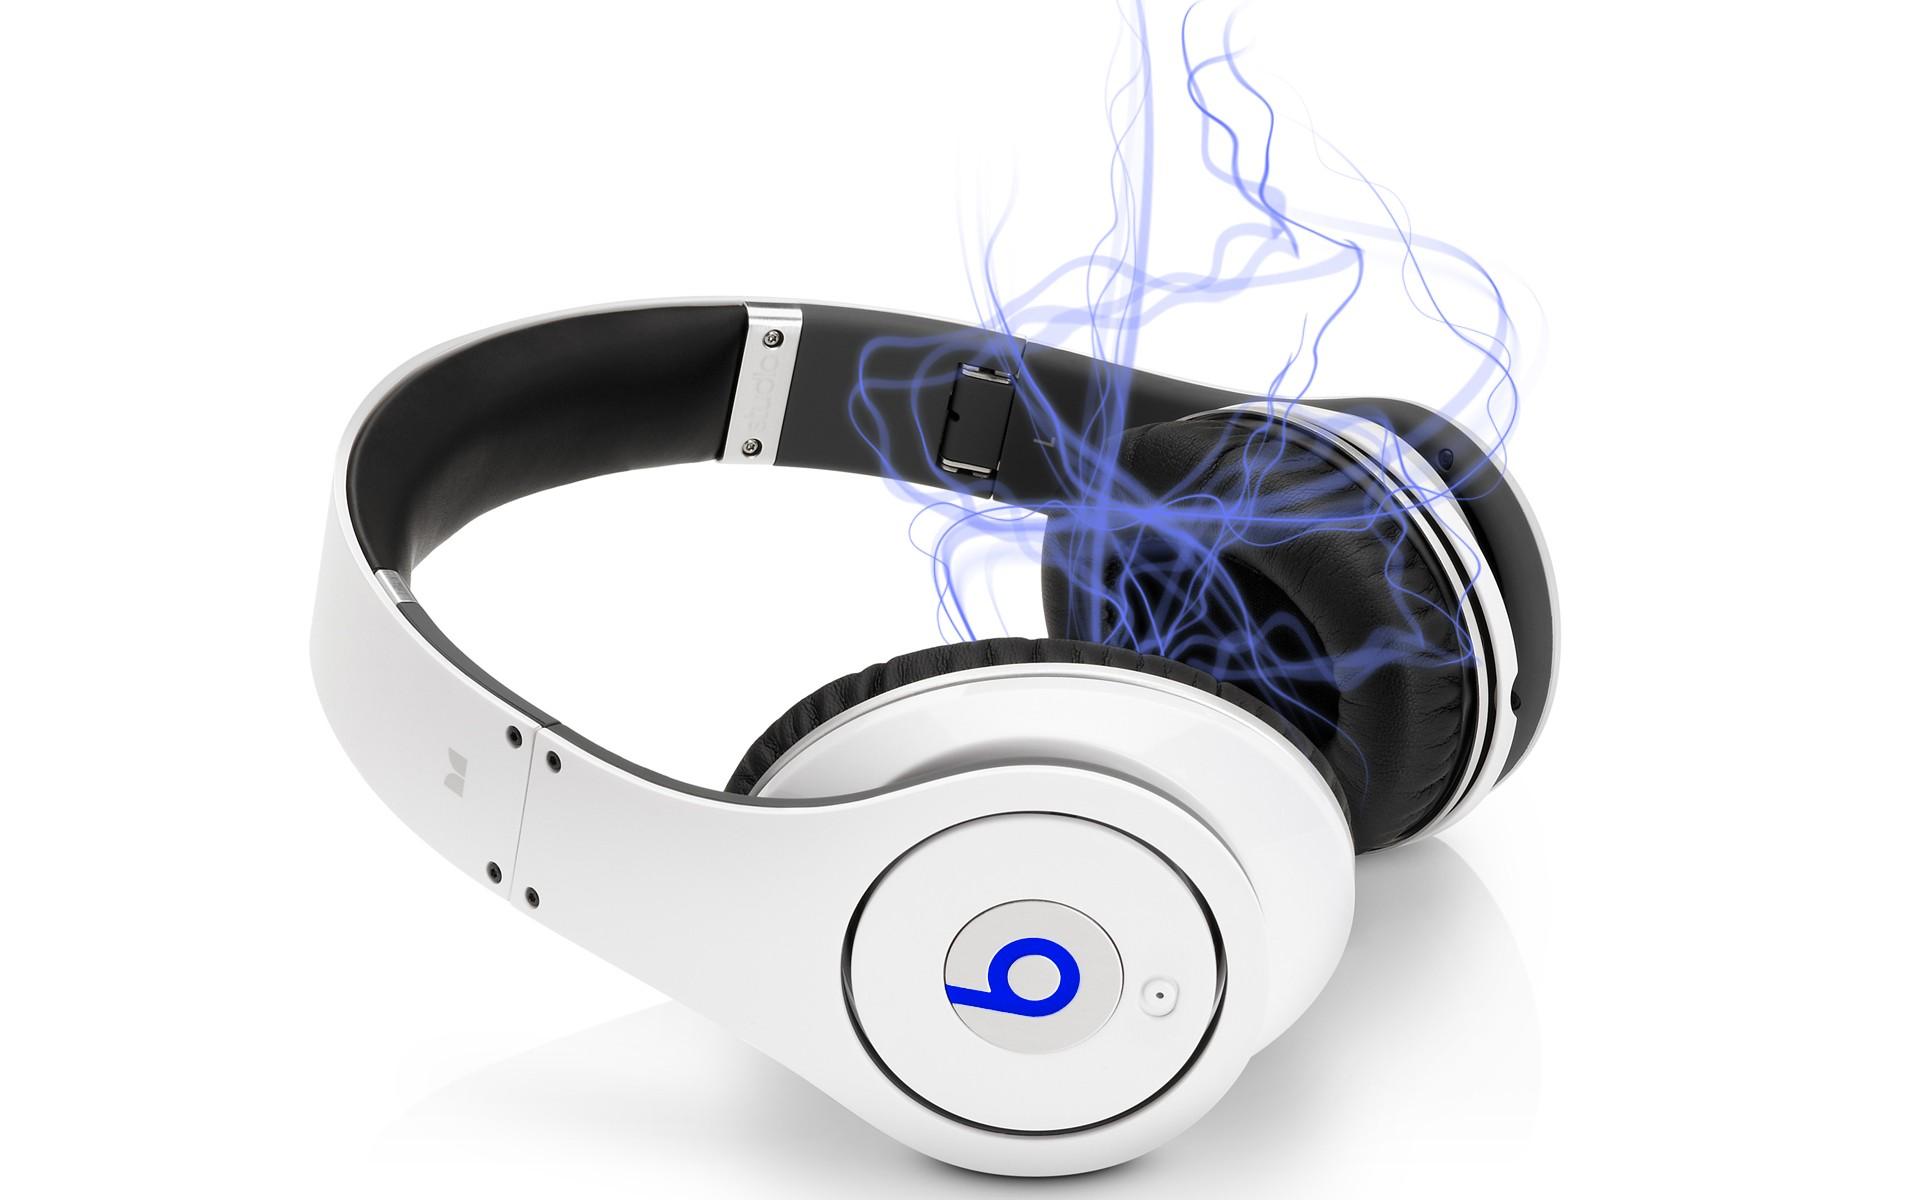 Headphones Music Microphones 4500x4100 Wallpaper: Headphones Music Beat Headsets Wallpaper